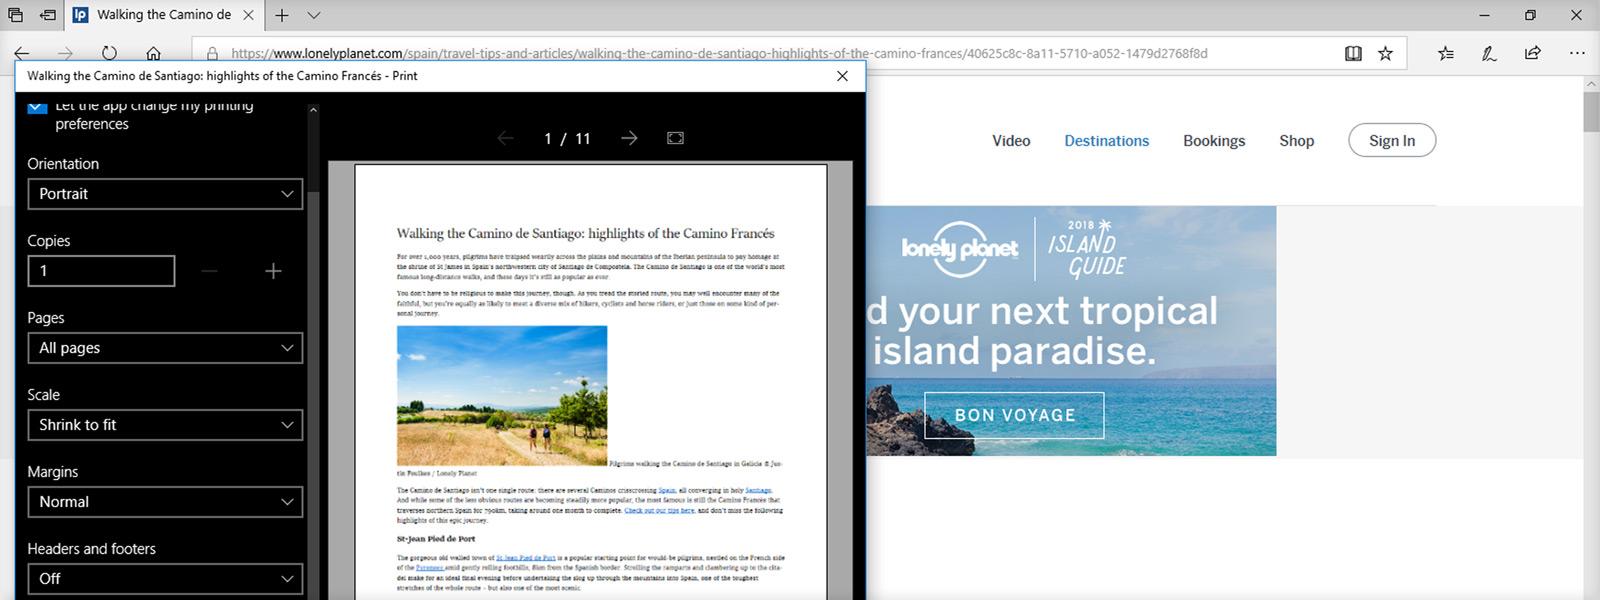 תמונת מסך של הצגה לפני הדפסה ב-Edge, ללא הפרסומות מדף האינטרנט